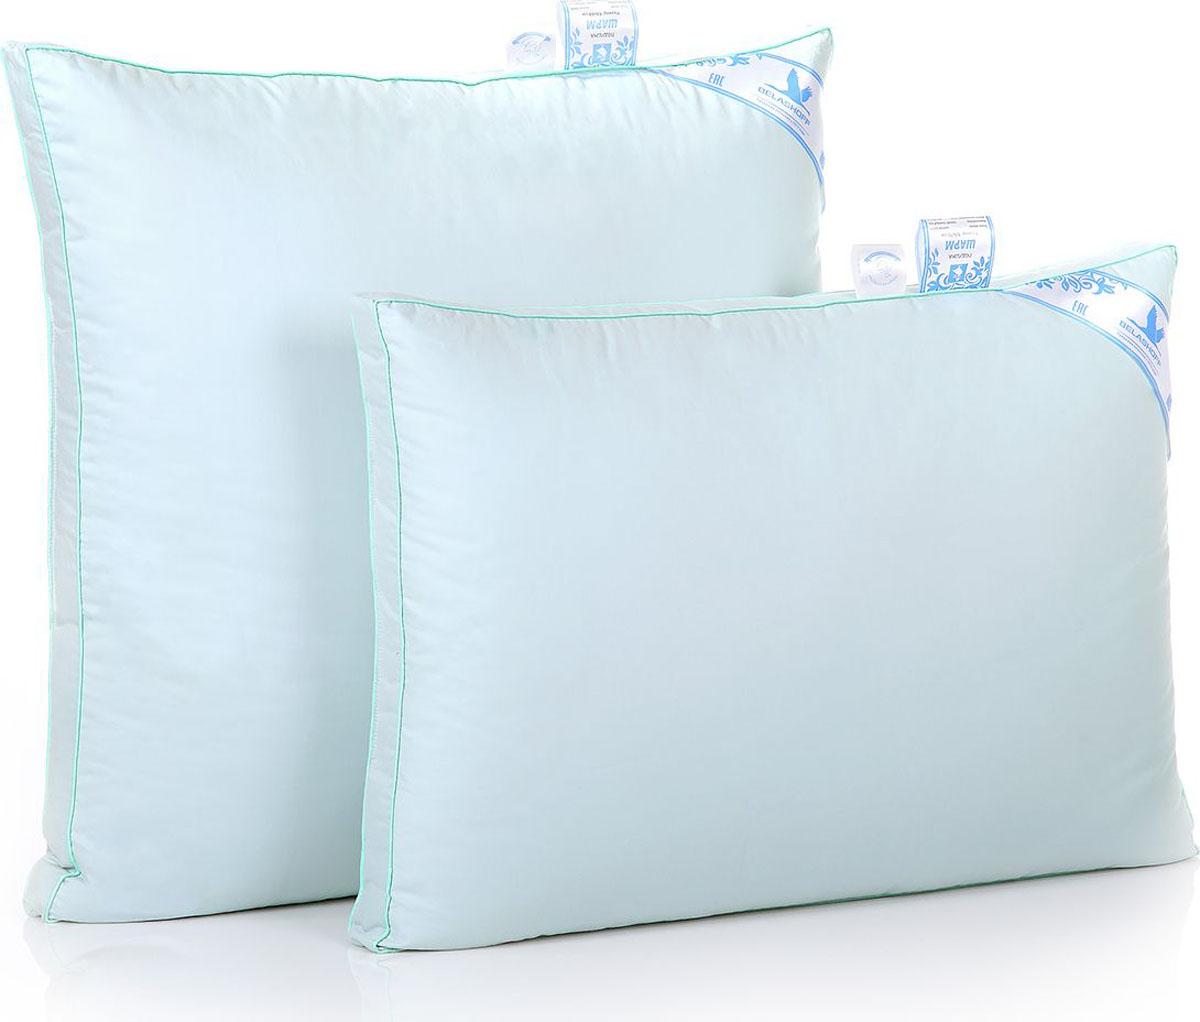 Belashoff Подушка Шарм цвет голубой 50 x 70 смПШ1-2Коллекцию Шарм оценят покупатели с чувством стиля, ценящие комфорт и качество. Неповторимый внешний вид и дополнительный объем изделиям придает бортик — оригинальная деталь кроя чехла.Равномерное распределение наполнителя обеспечивает кассетная конструкция одеял, а особенная конструкция подушки способствует расслаблению мышц шеи, обеспечивая идеальные условия для сна.